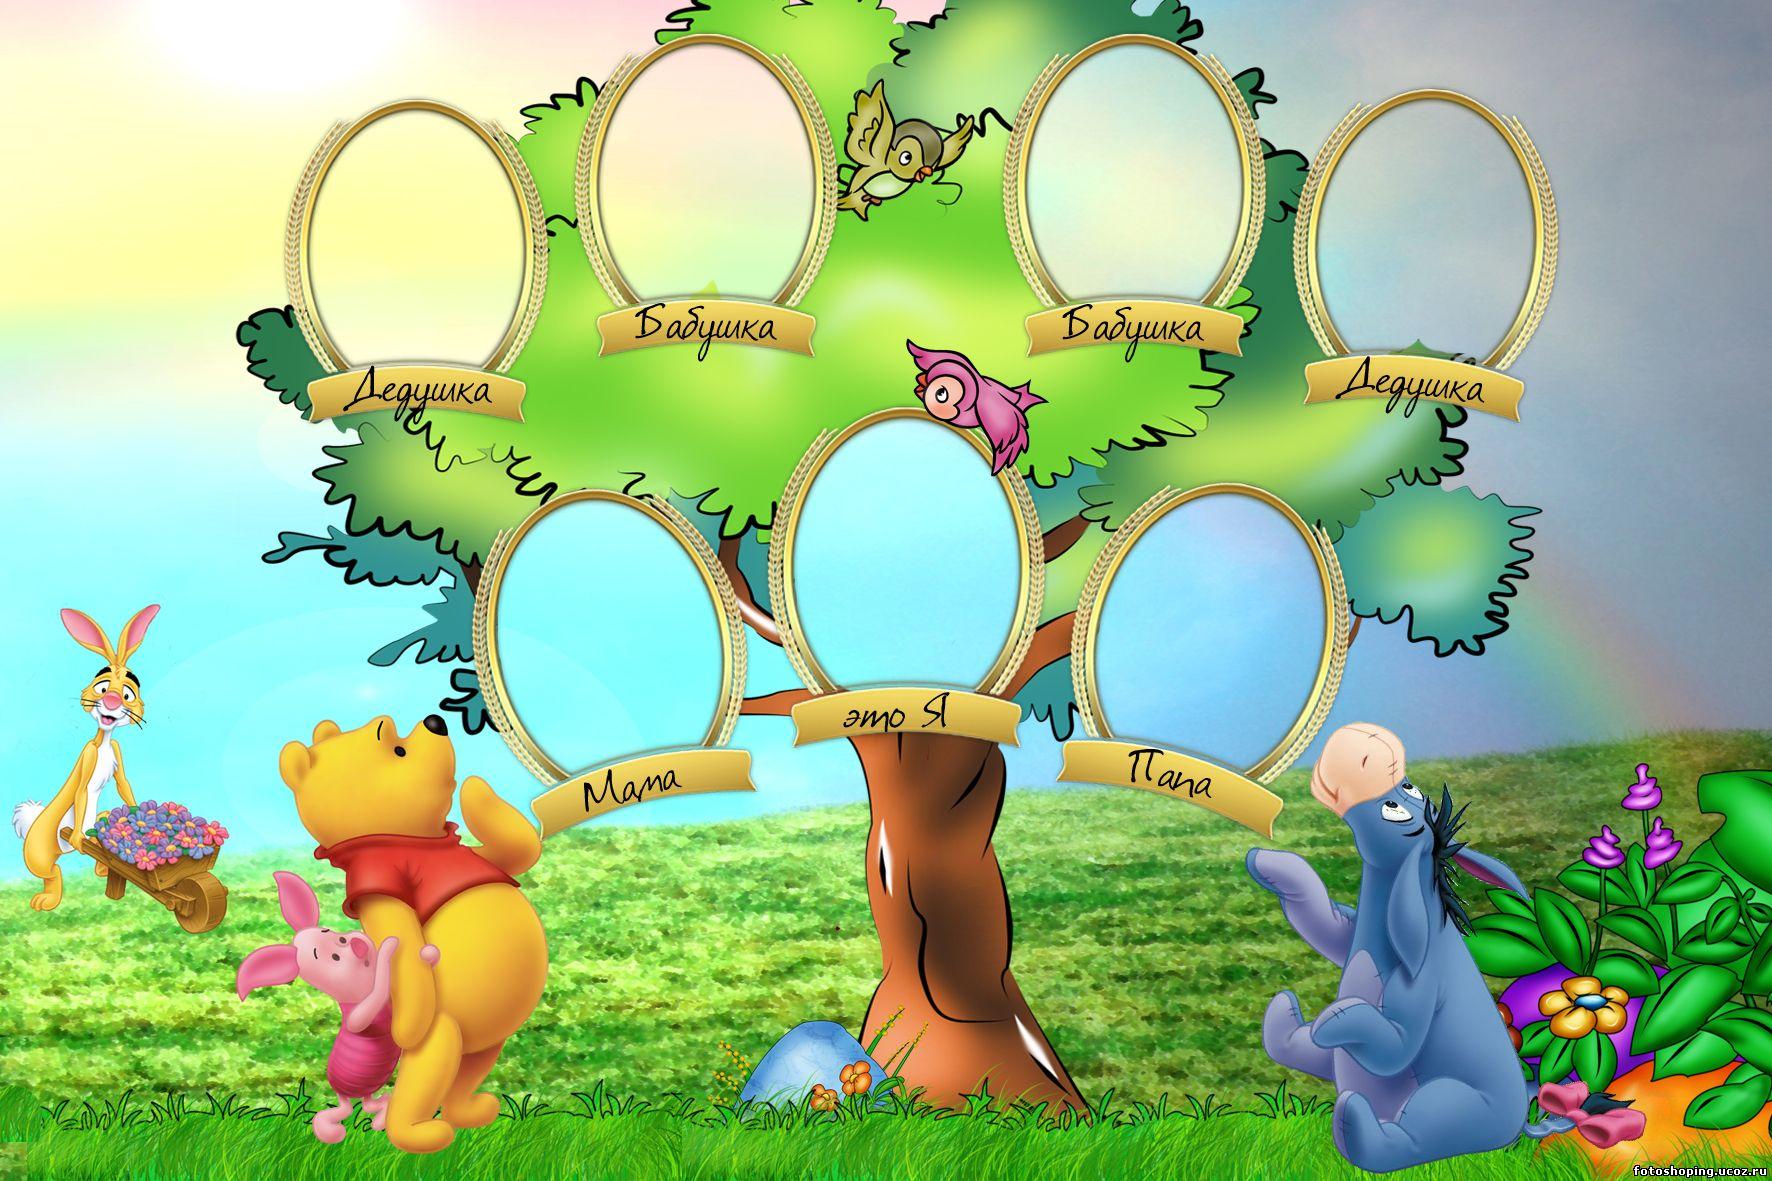 Как сделать генеалогическое дерево семьи своими руками